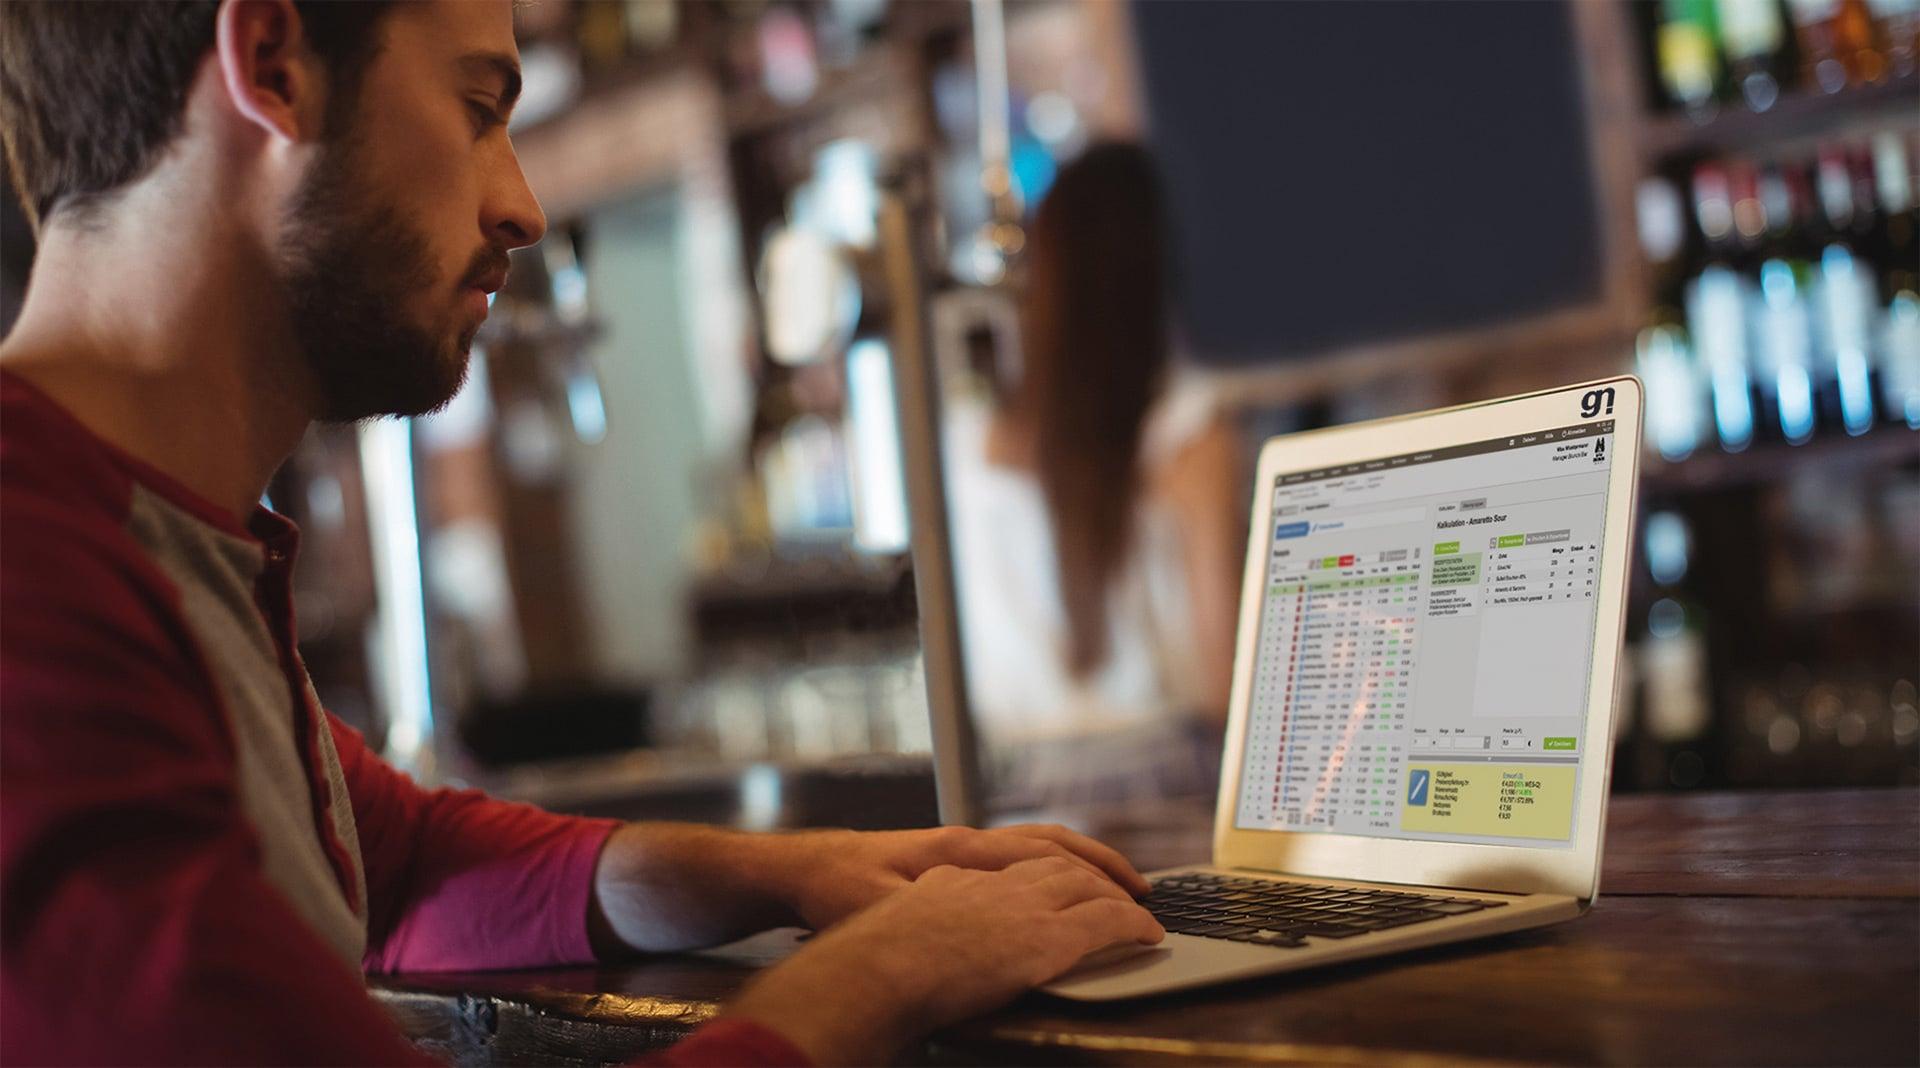 Gastronovi: Mit digitalen Lösungen erfolgreich in 2021